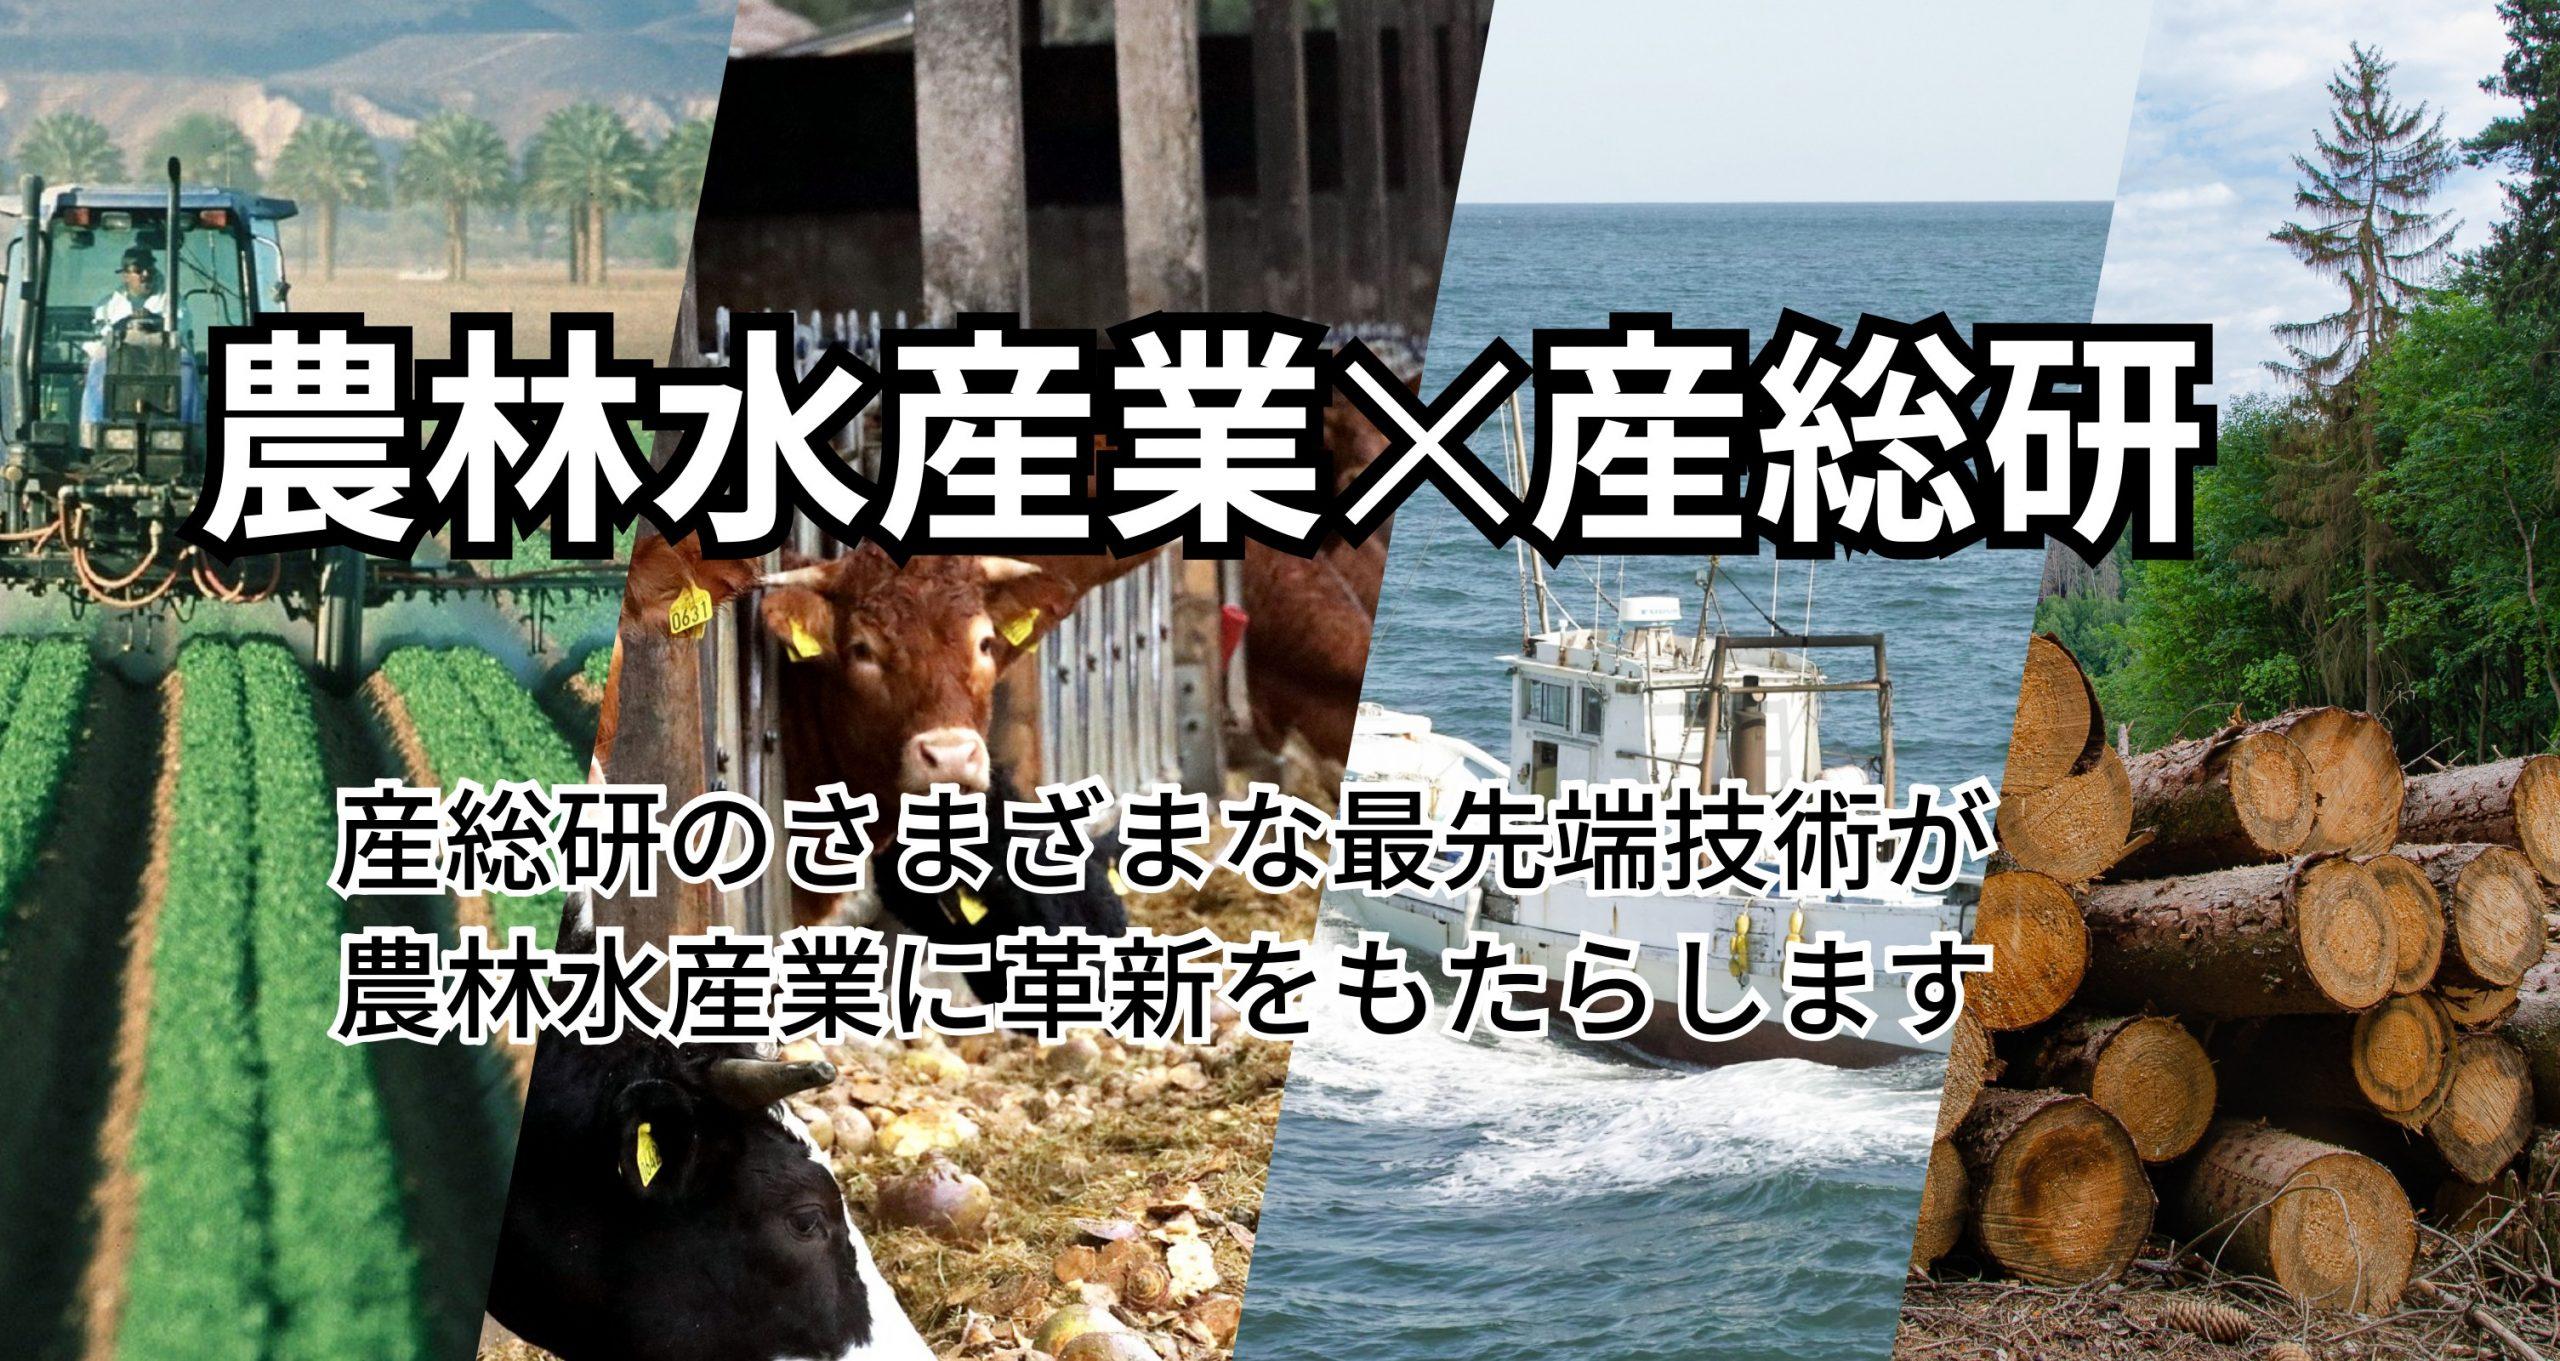 農林水産業 X 産総研!!